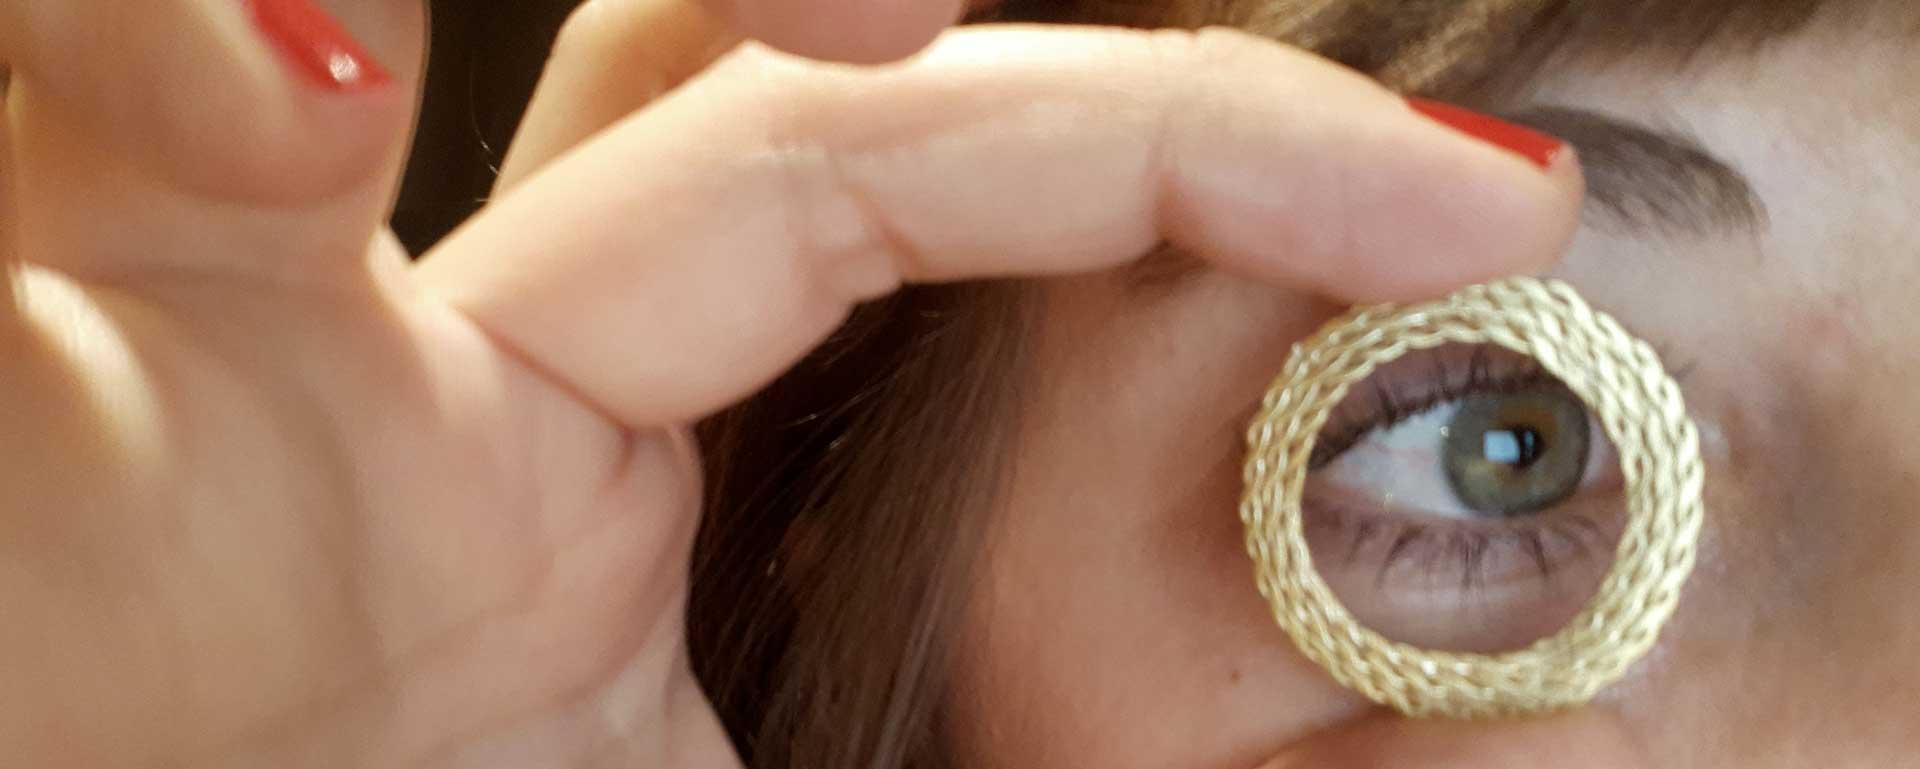 bijoux fantaisie créateurs lyon bijouterie alchimies boutique bague collier bracelet boucles oreilles